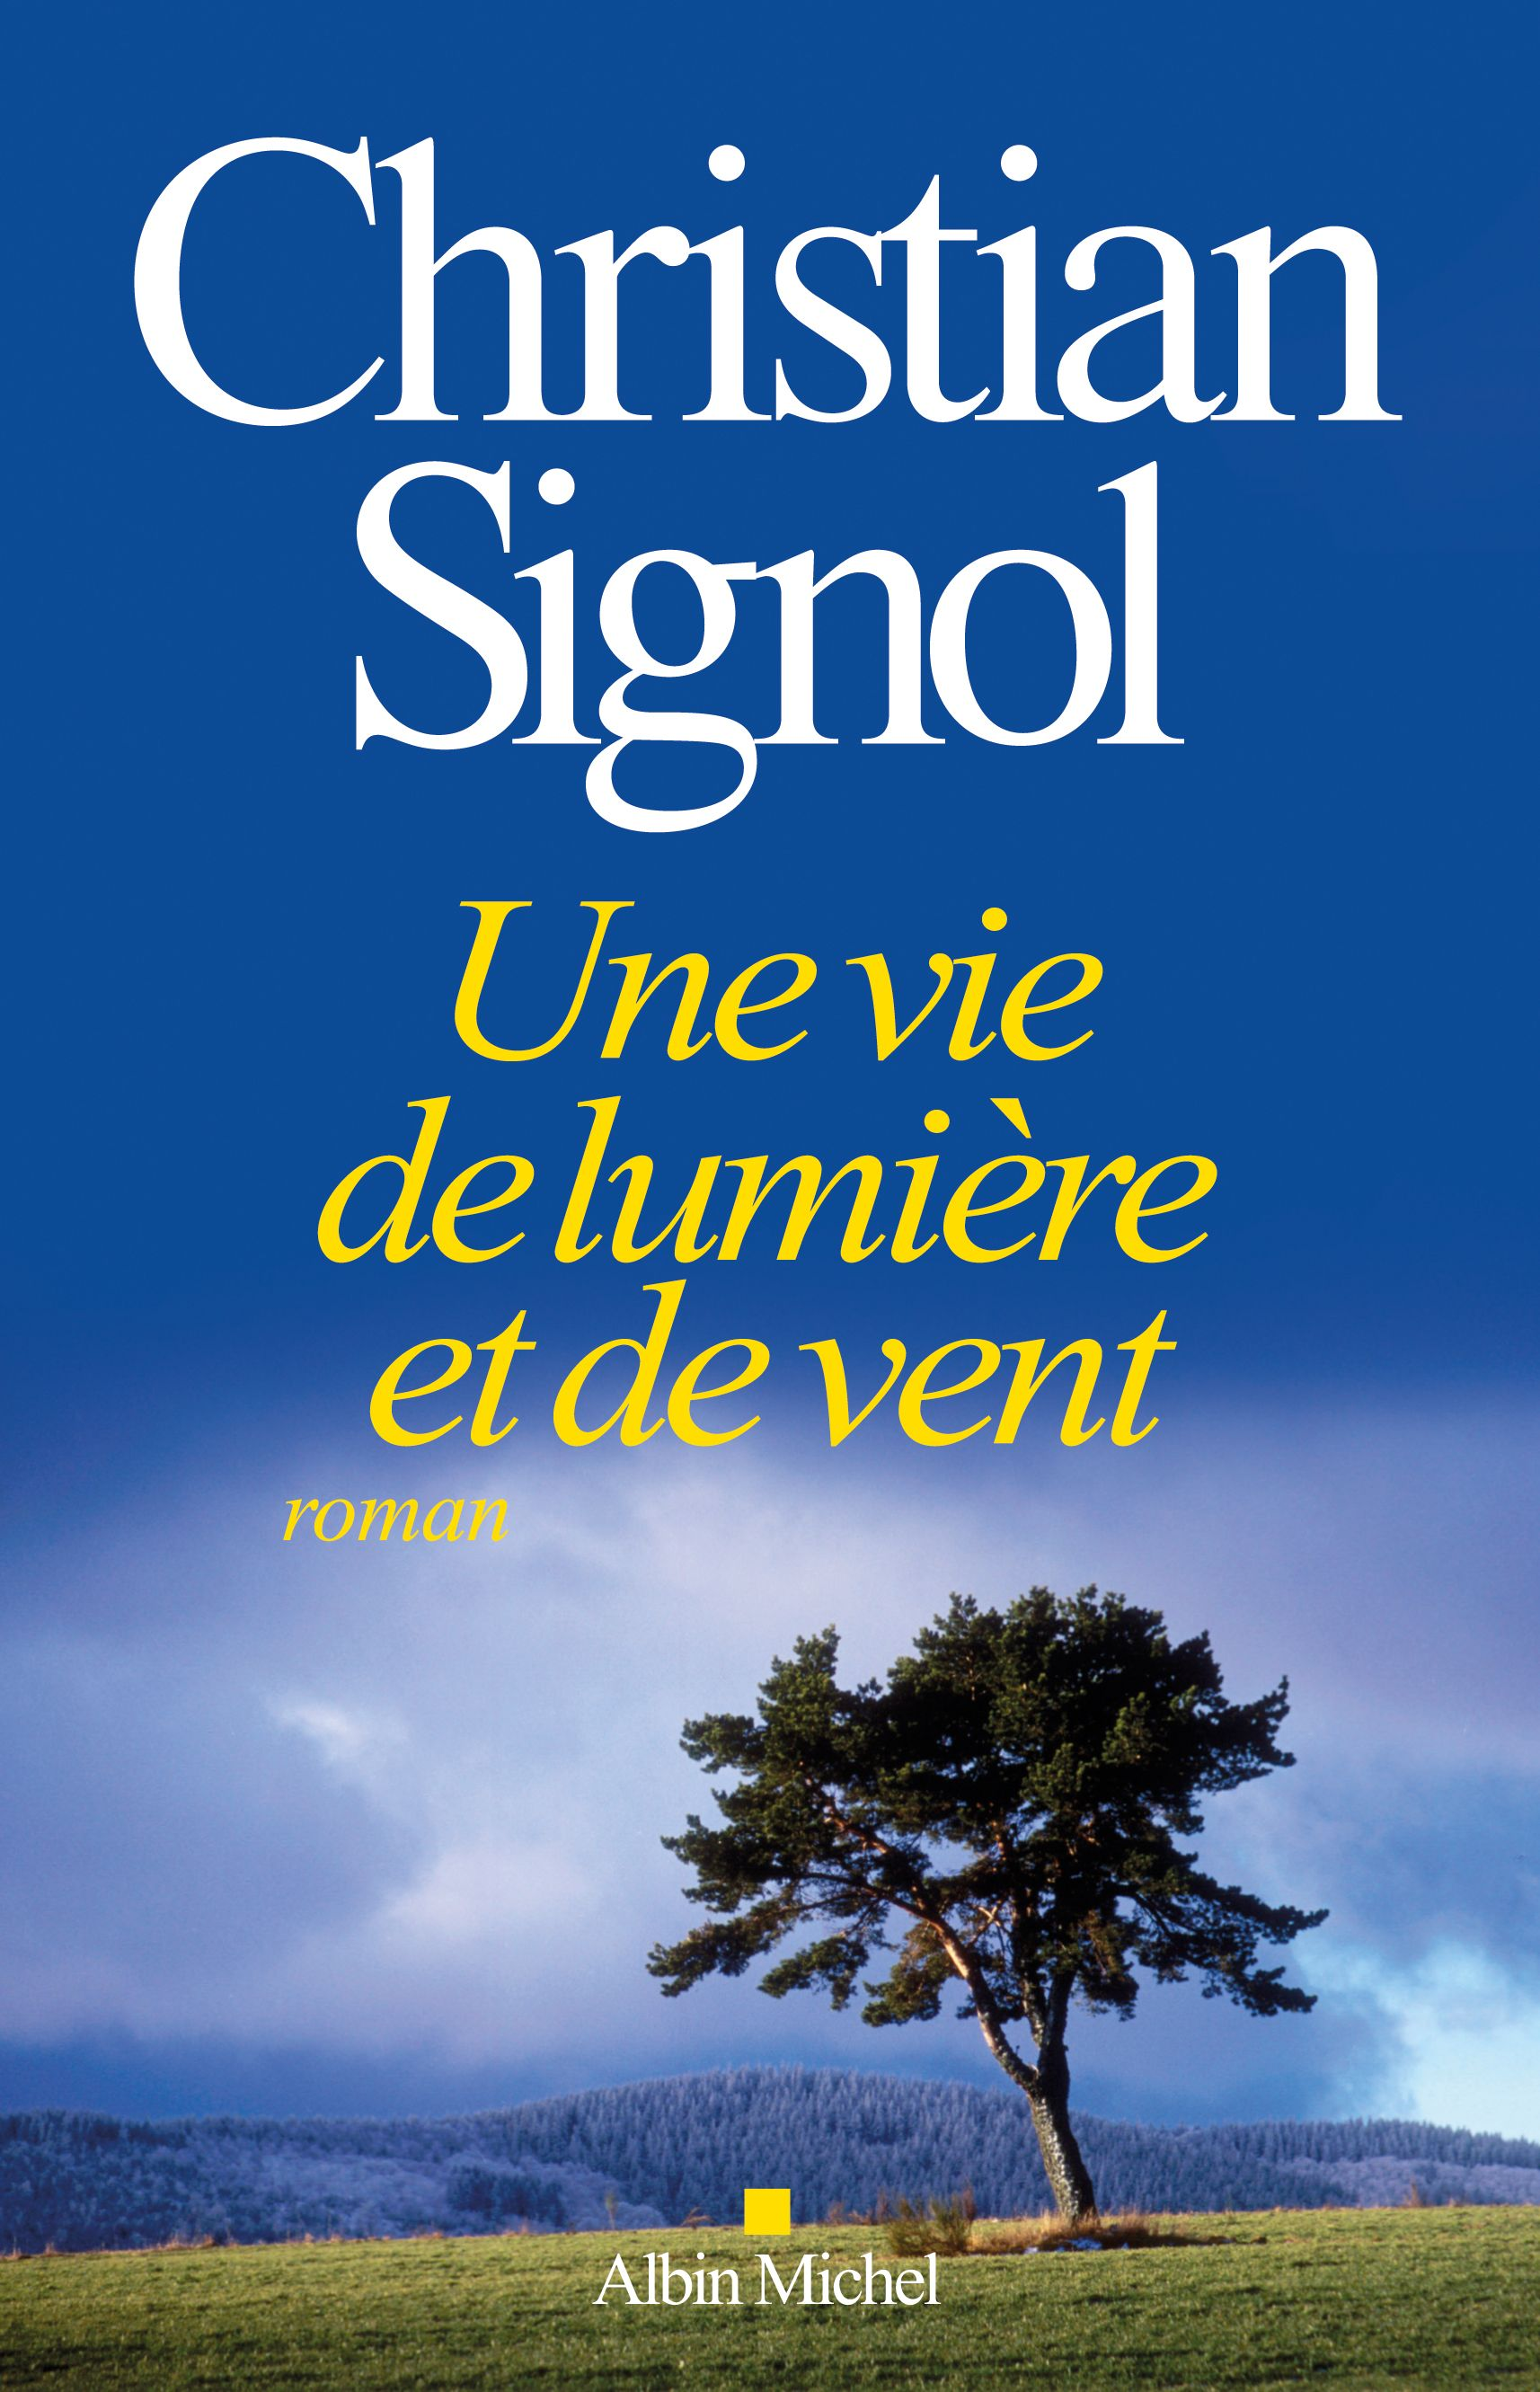 Le nouveau livre de Christian Signol